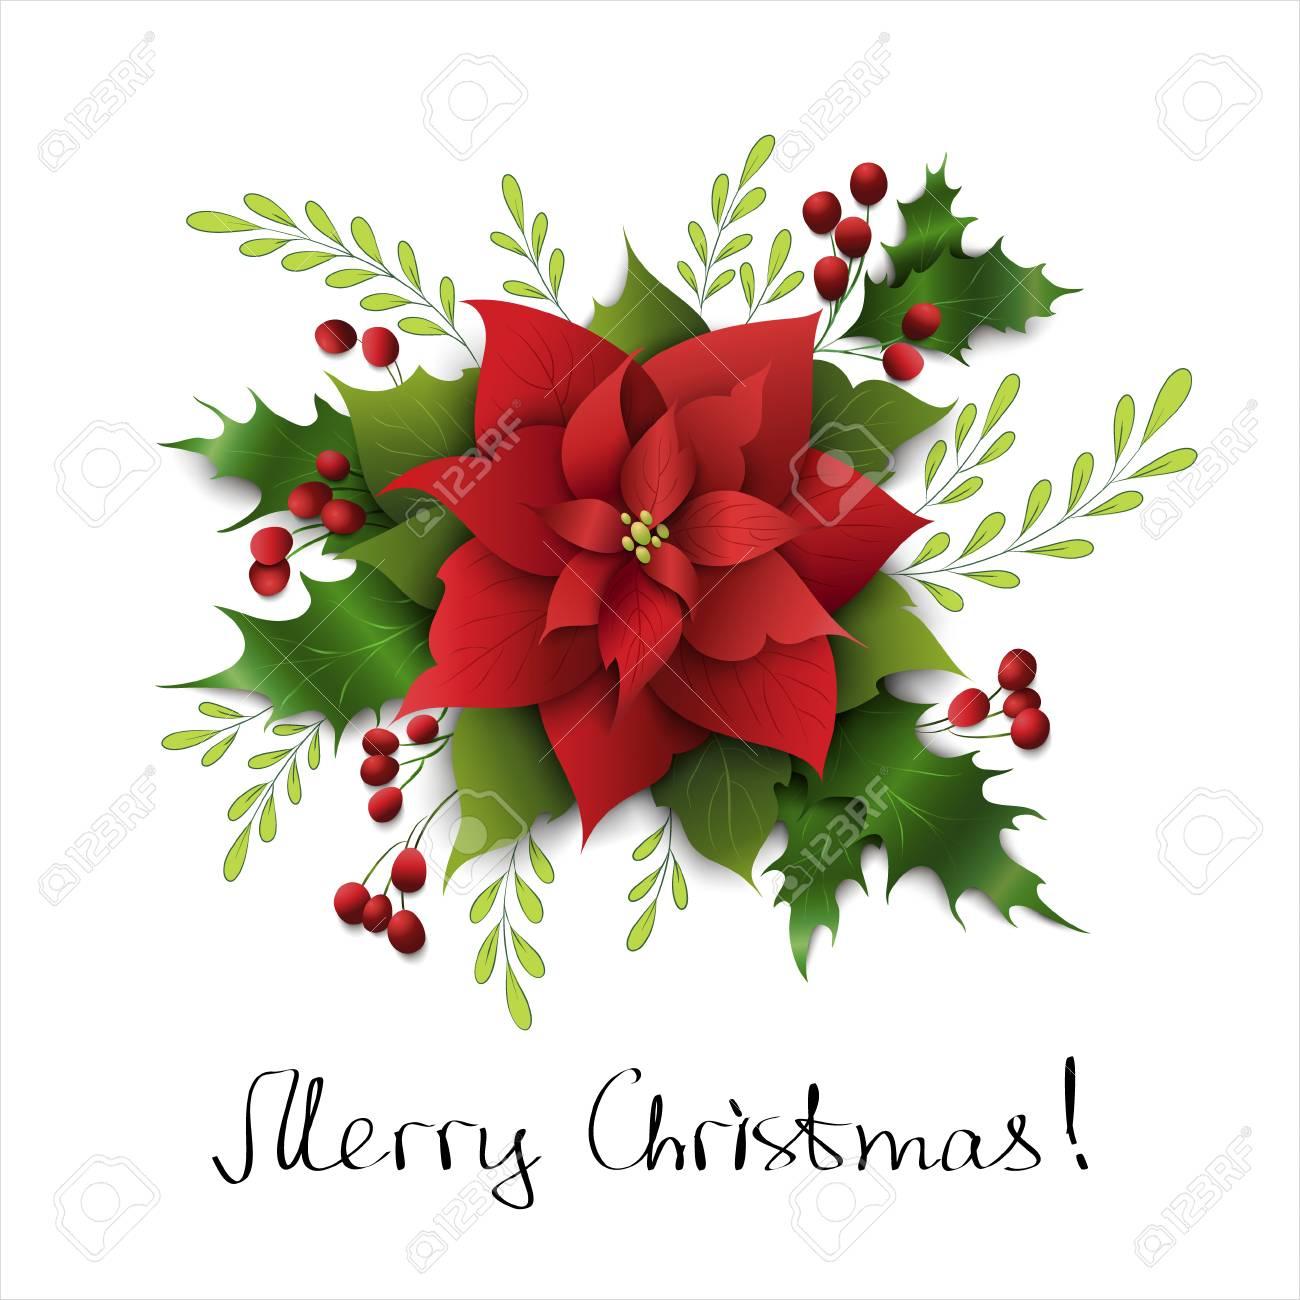 Disegnare Una Stella Di Natale.Priorita Bassa Di Disegno Di Natale Con Stella Di Natale E Vischio